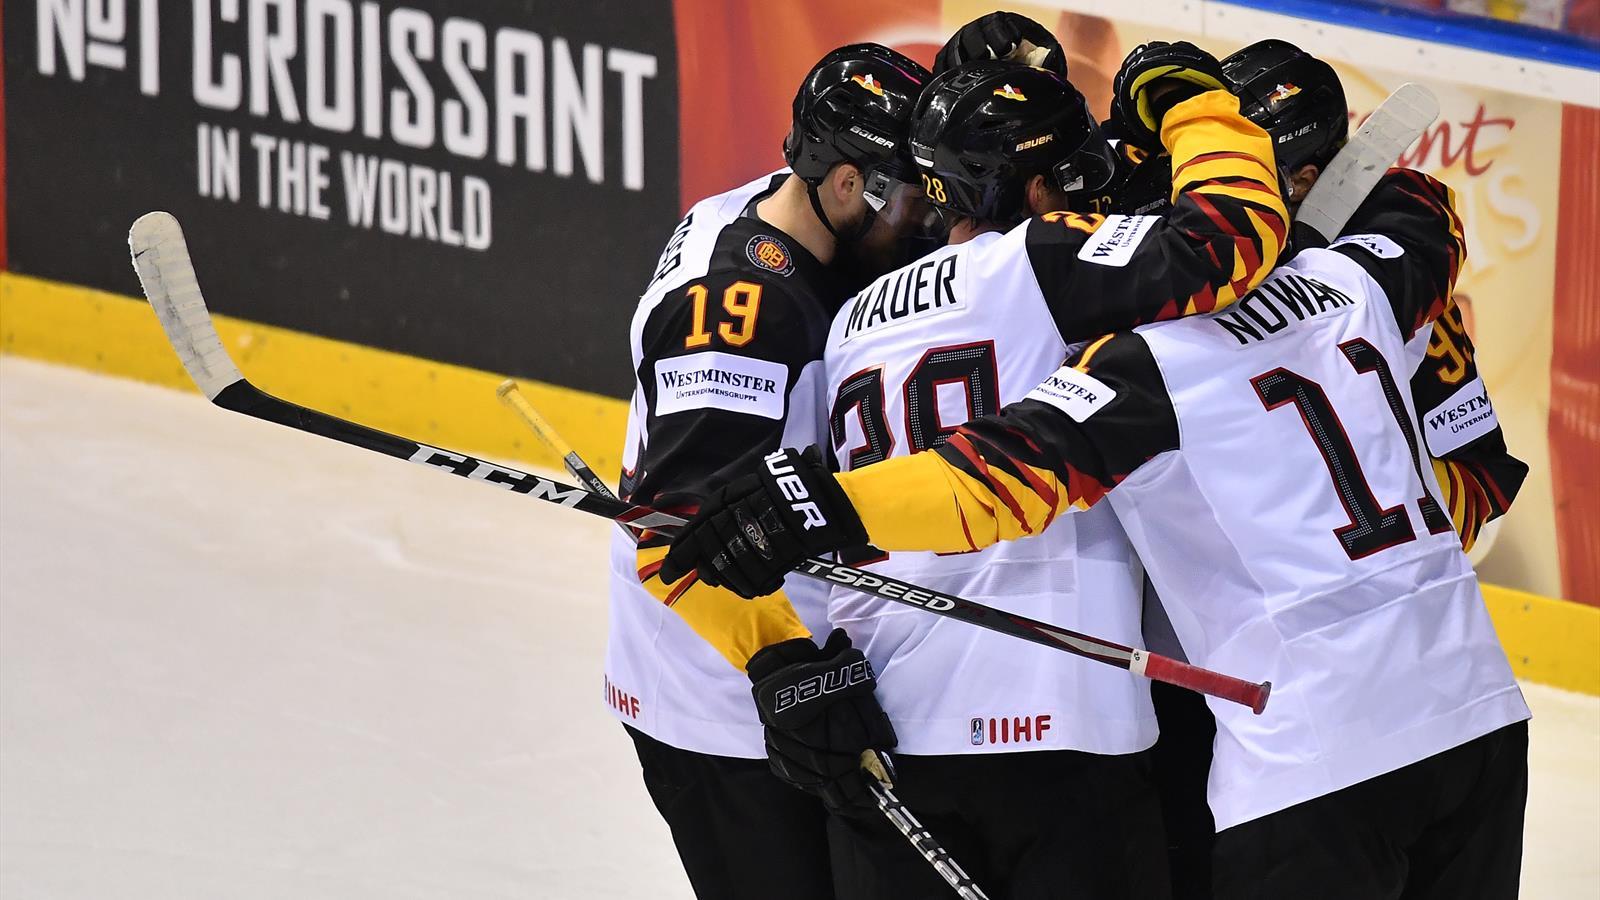 Eishockey Wm 2020 Slowakei